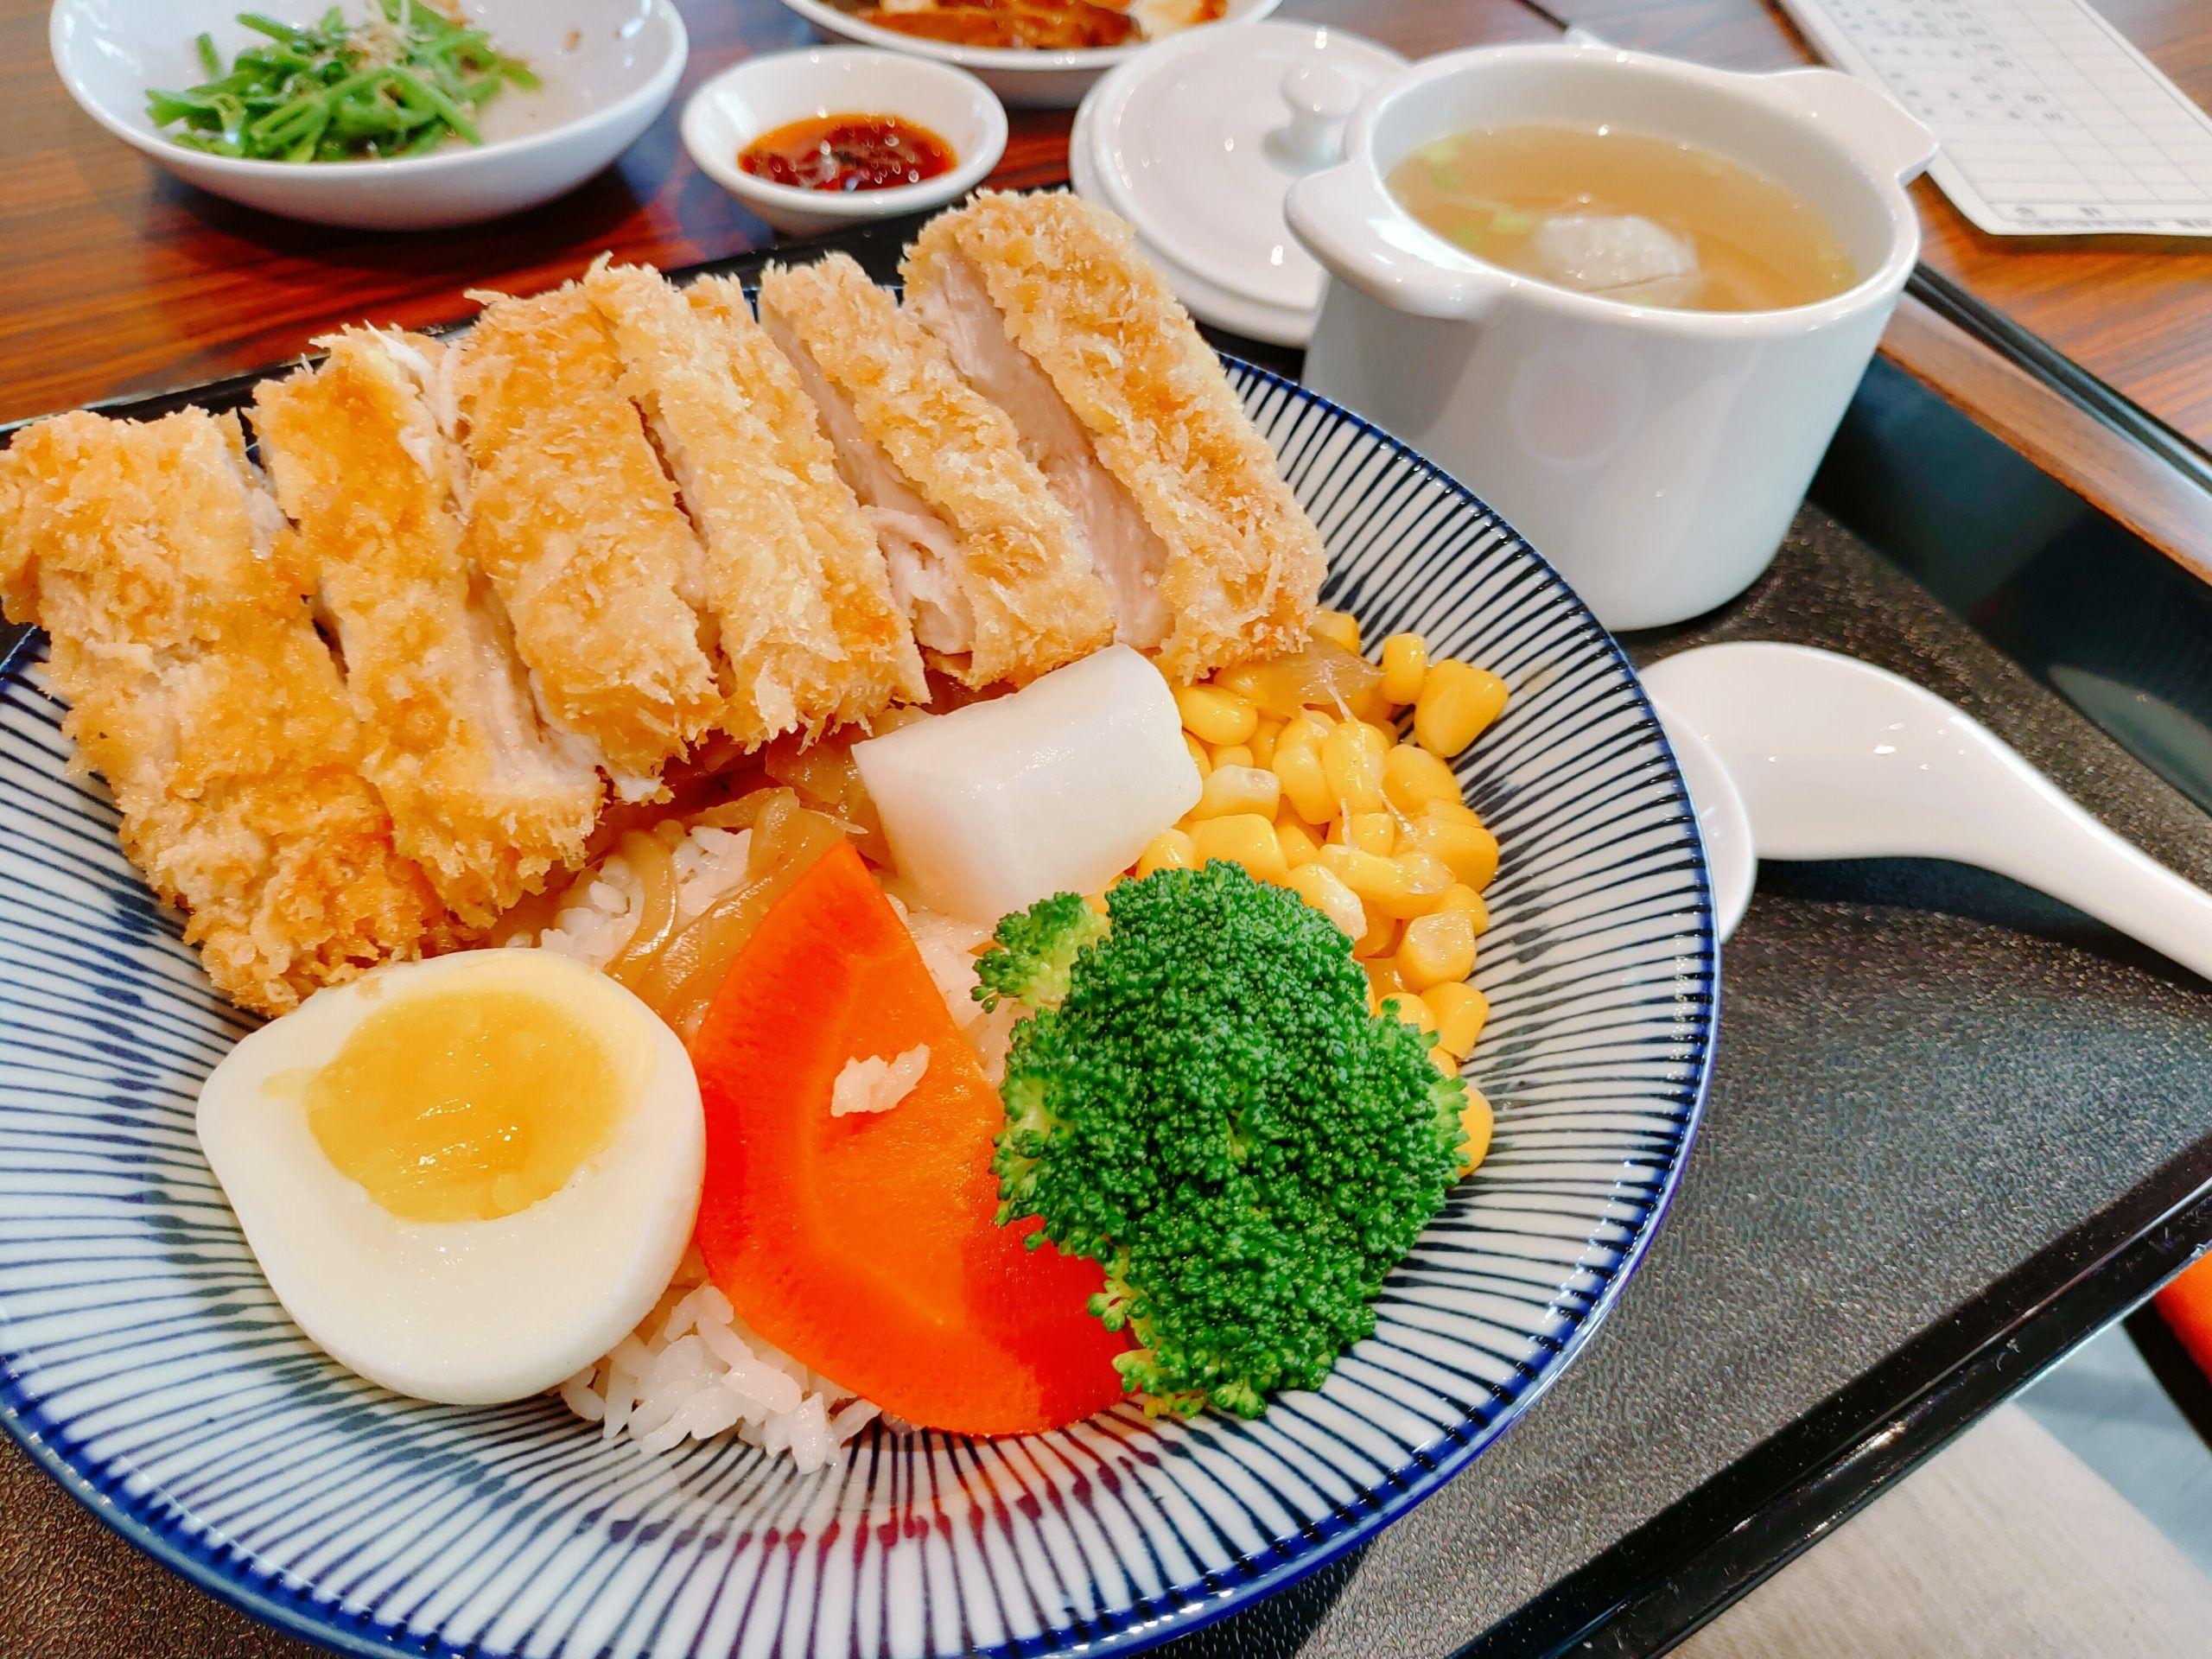 【花蓮市區】太平洋旗魚麵館|炸旗魚排外酥內軟超好吃|平價高CP值